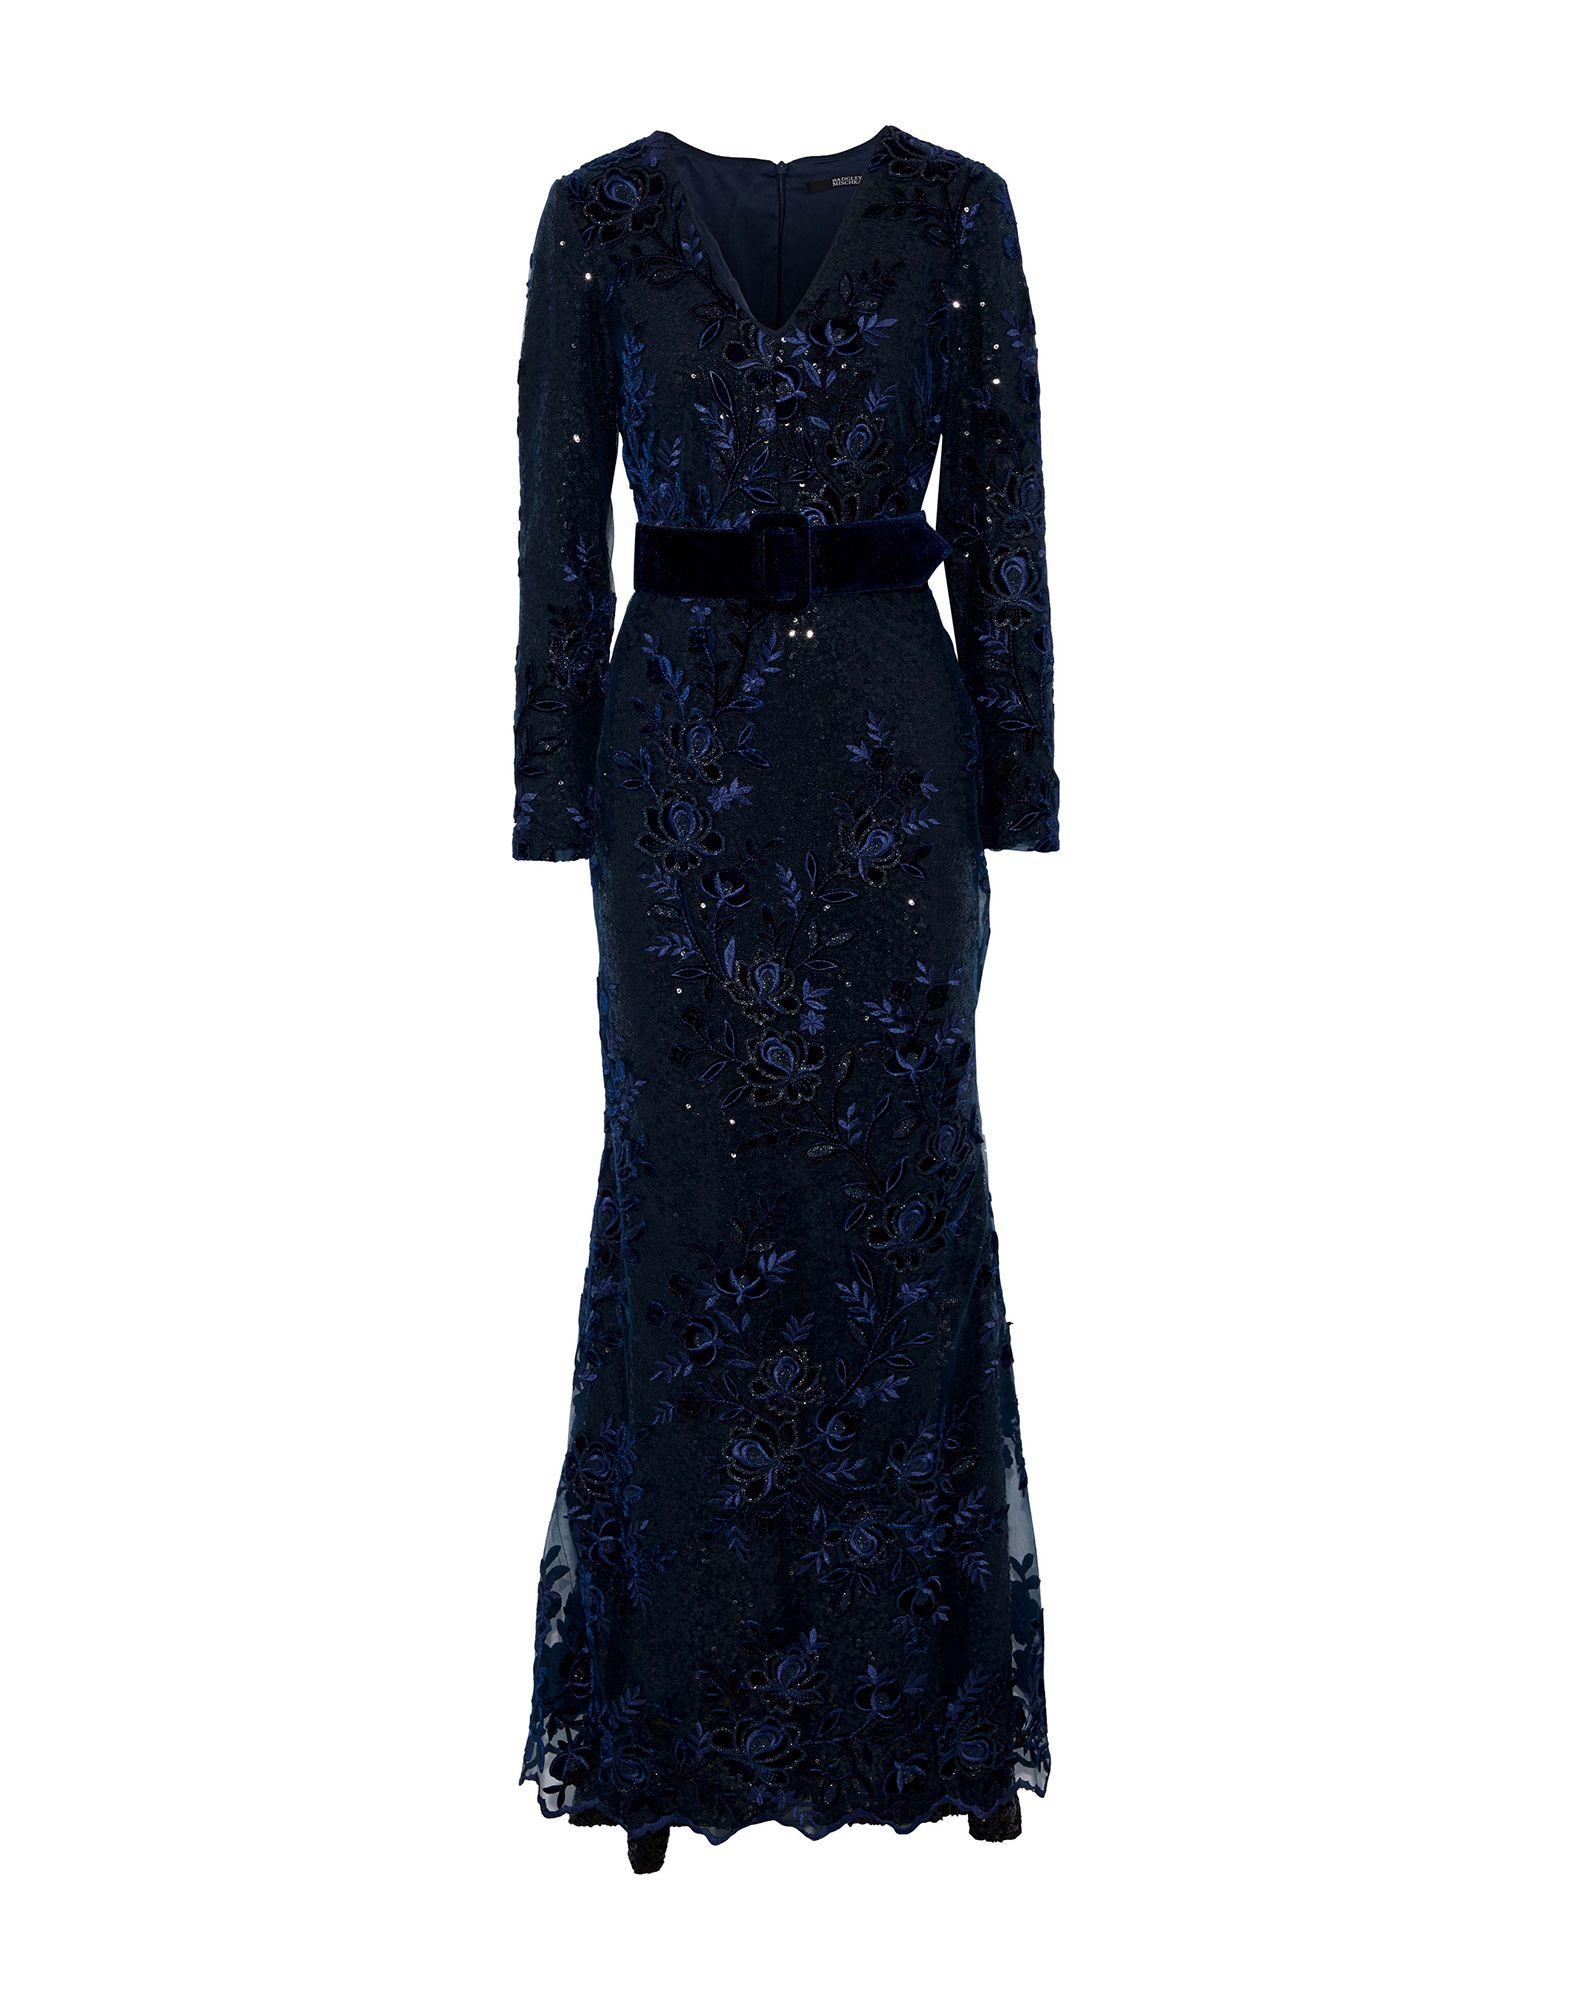 《セール開催中》BADGLEY MISCHKA レディース ロングワンピース&ドレス ダークブルー 10 ポリエステル 100% / ナイロン